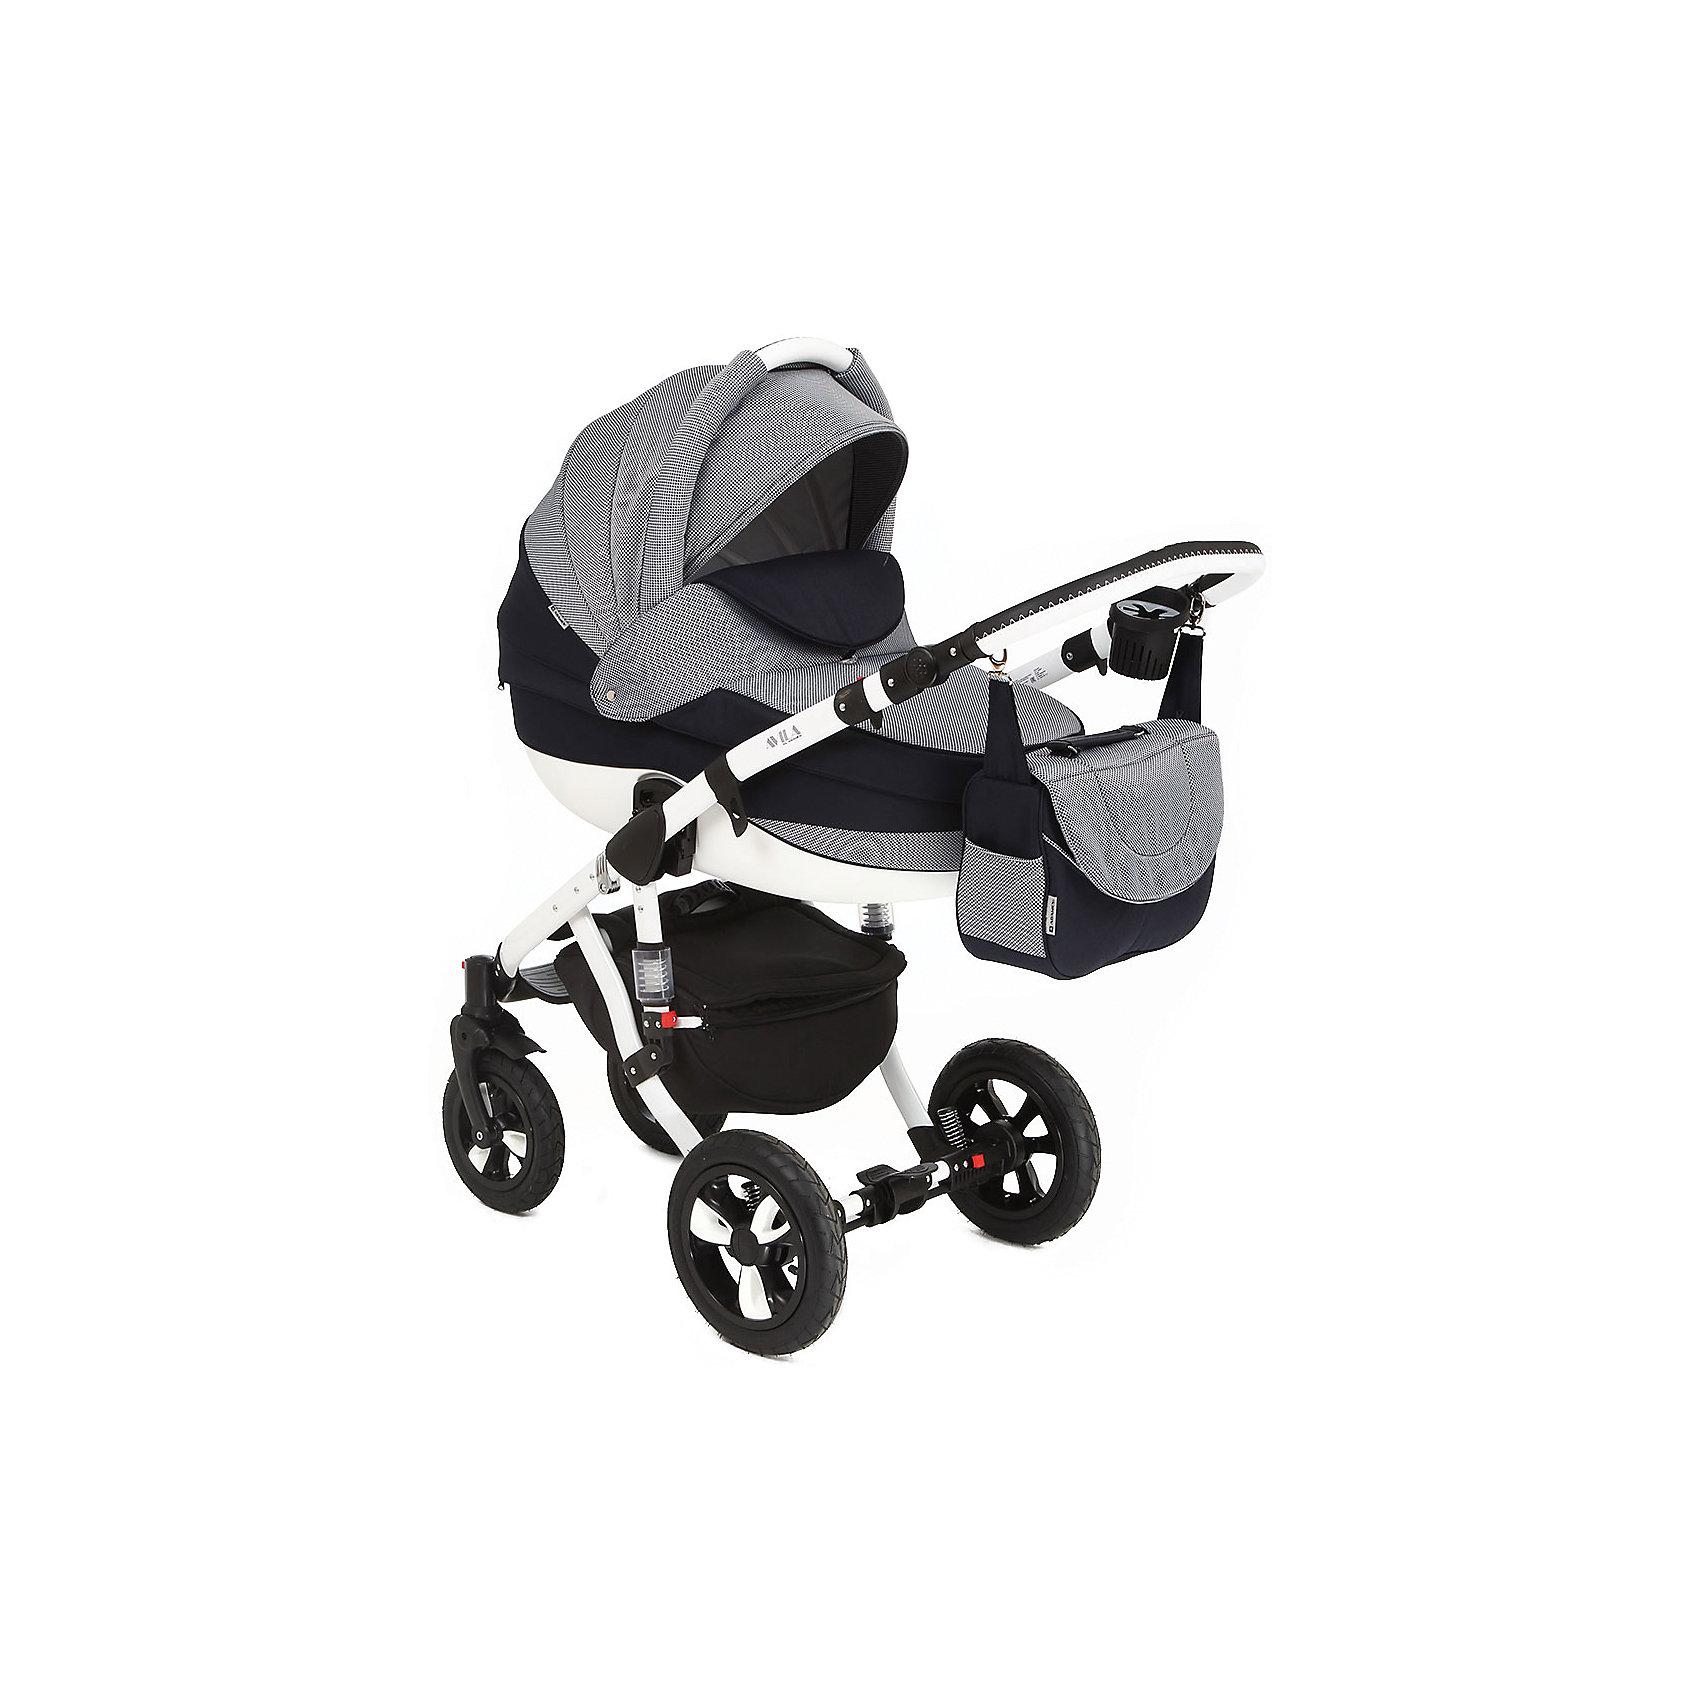 Коляска 2 в 1 AVILA, Adamex, меланжПрочная и удобная коляска позволит перевозить ребенка, не беспокоясь при этом о его безопасности. Приятный цвет коляски практичен и универсален. За счет двух больших надувных колес и амортизации коляска отлично будет ехать как по не ровной дороге, так и по снегу. Коляска легкая и прочная.<br>На коляске - колеса разного размера, поэтому конструкция - очень устойчивая. Модель дополнена 5-точечными ремнями безопасности. Изделие произведено из качественных и безопасных для малышей материалов, оно соответствуют всем современным требованиям безопасности.<br><br>Дополнительная информация:<br><br>цвет: меланж;<br>материал: металл, пластик, текстиль;<br>тип сложения: книжка;<br>вес коляски: 14,2 кг;<br>материал колес: резина;<br>амортизаторы;<br>регулировка подножки по высоте;<br>регулировка ручки по высоте;<br>пятиточечные ремни безопасности;<br>возможность снять и постирать покрытие;<br>надувные колеса;<br>размер коляски: 109х128х59 см;<br>в сложенном виде: 97х38х61 см;<br>съемный бампер.<br><br>Комплектация:<br>дождевик;<br>корзина для покупок;<br>сумка для мамы;<br>москитная сетка. <br><br>Коляска 2 в 1 AVILA, меланж от компании Adamex можно купить в нашем магазине.<br><br>Ширина мм: 970<br>Глубина мм: 600<br>Высота мм: 660<br>Вес г: 17400<br>Возраст от месяцев: 0<br>Возраст до месяцев: 36<br>Пол: Унисекс<br>Возраст: Детский<br>SKU: 4778496